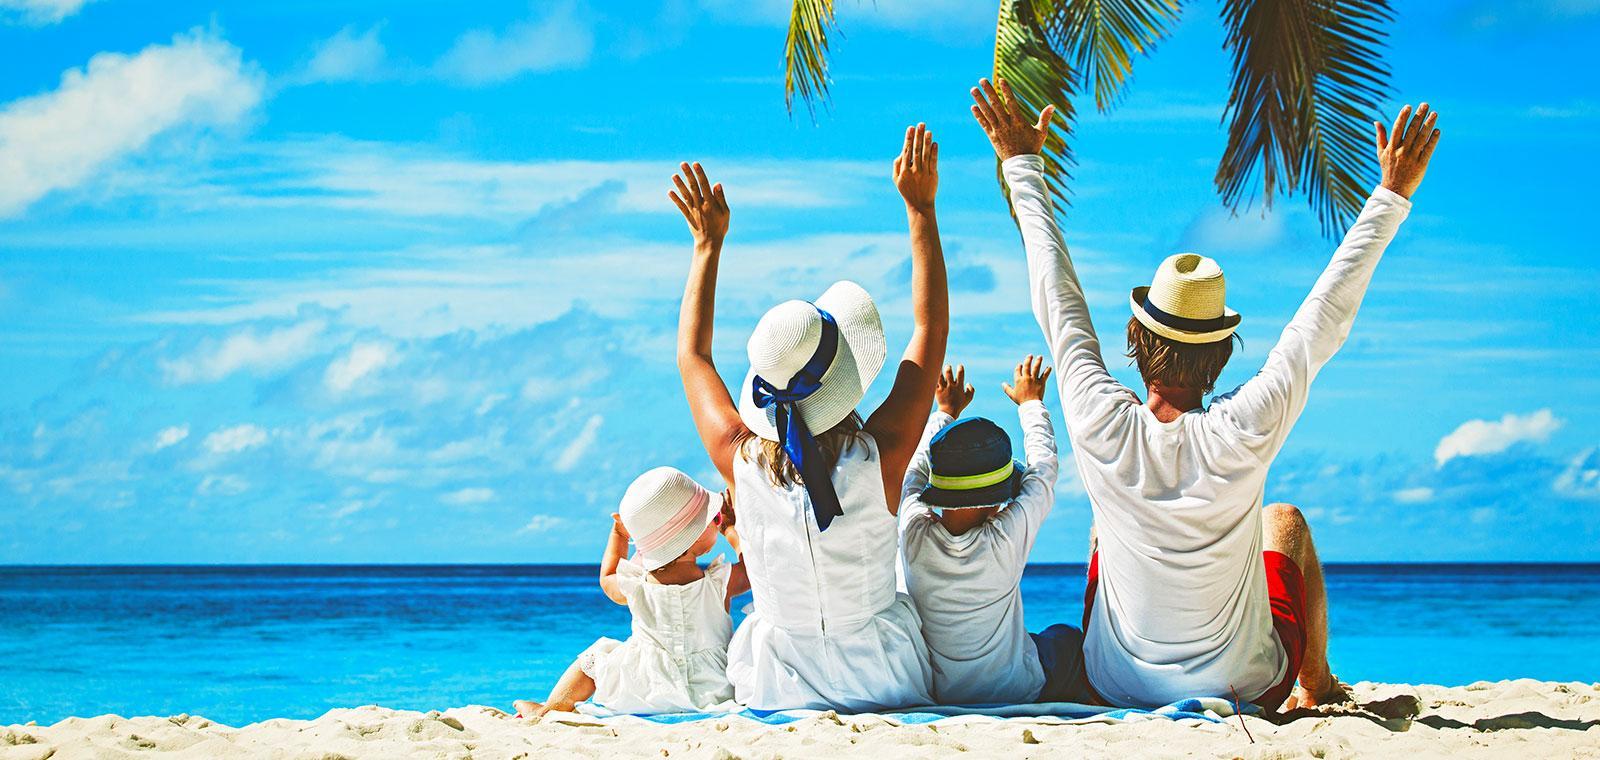 Destination vacances : où nous vous conseillons de partir ?